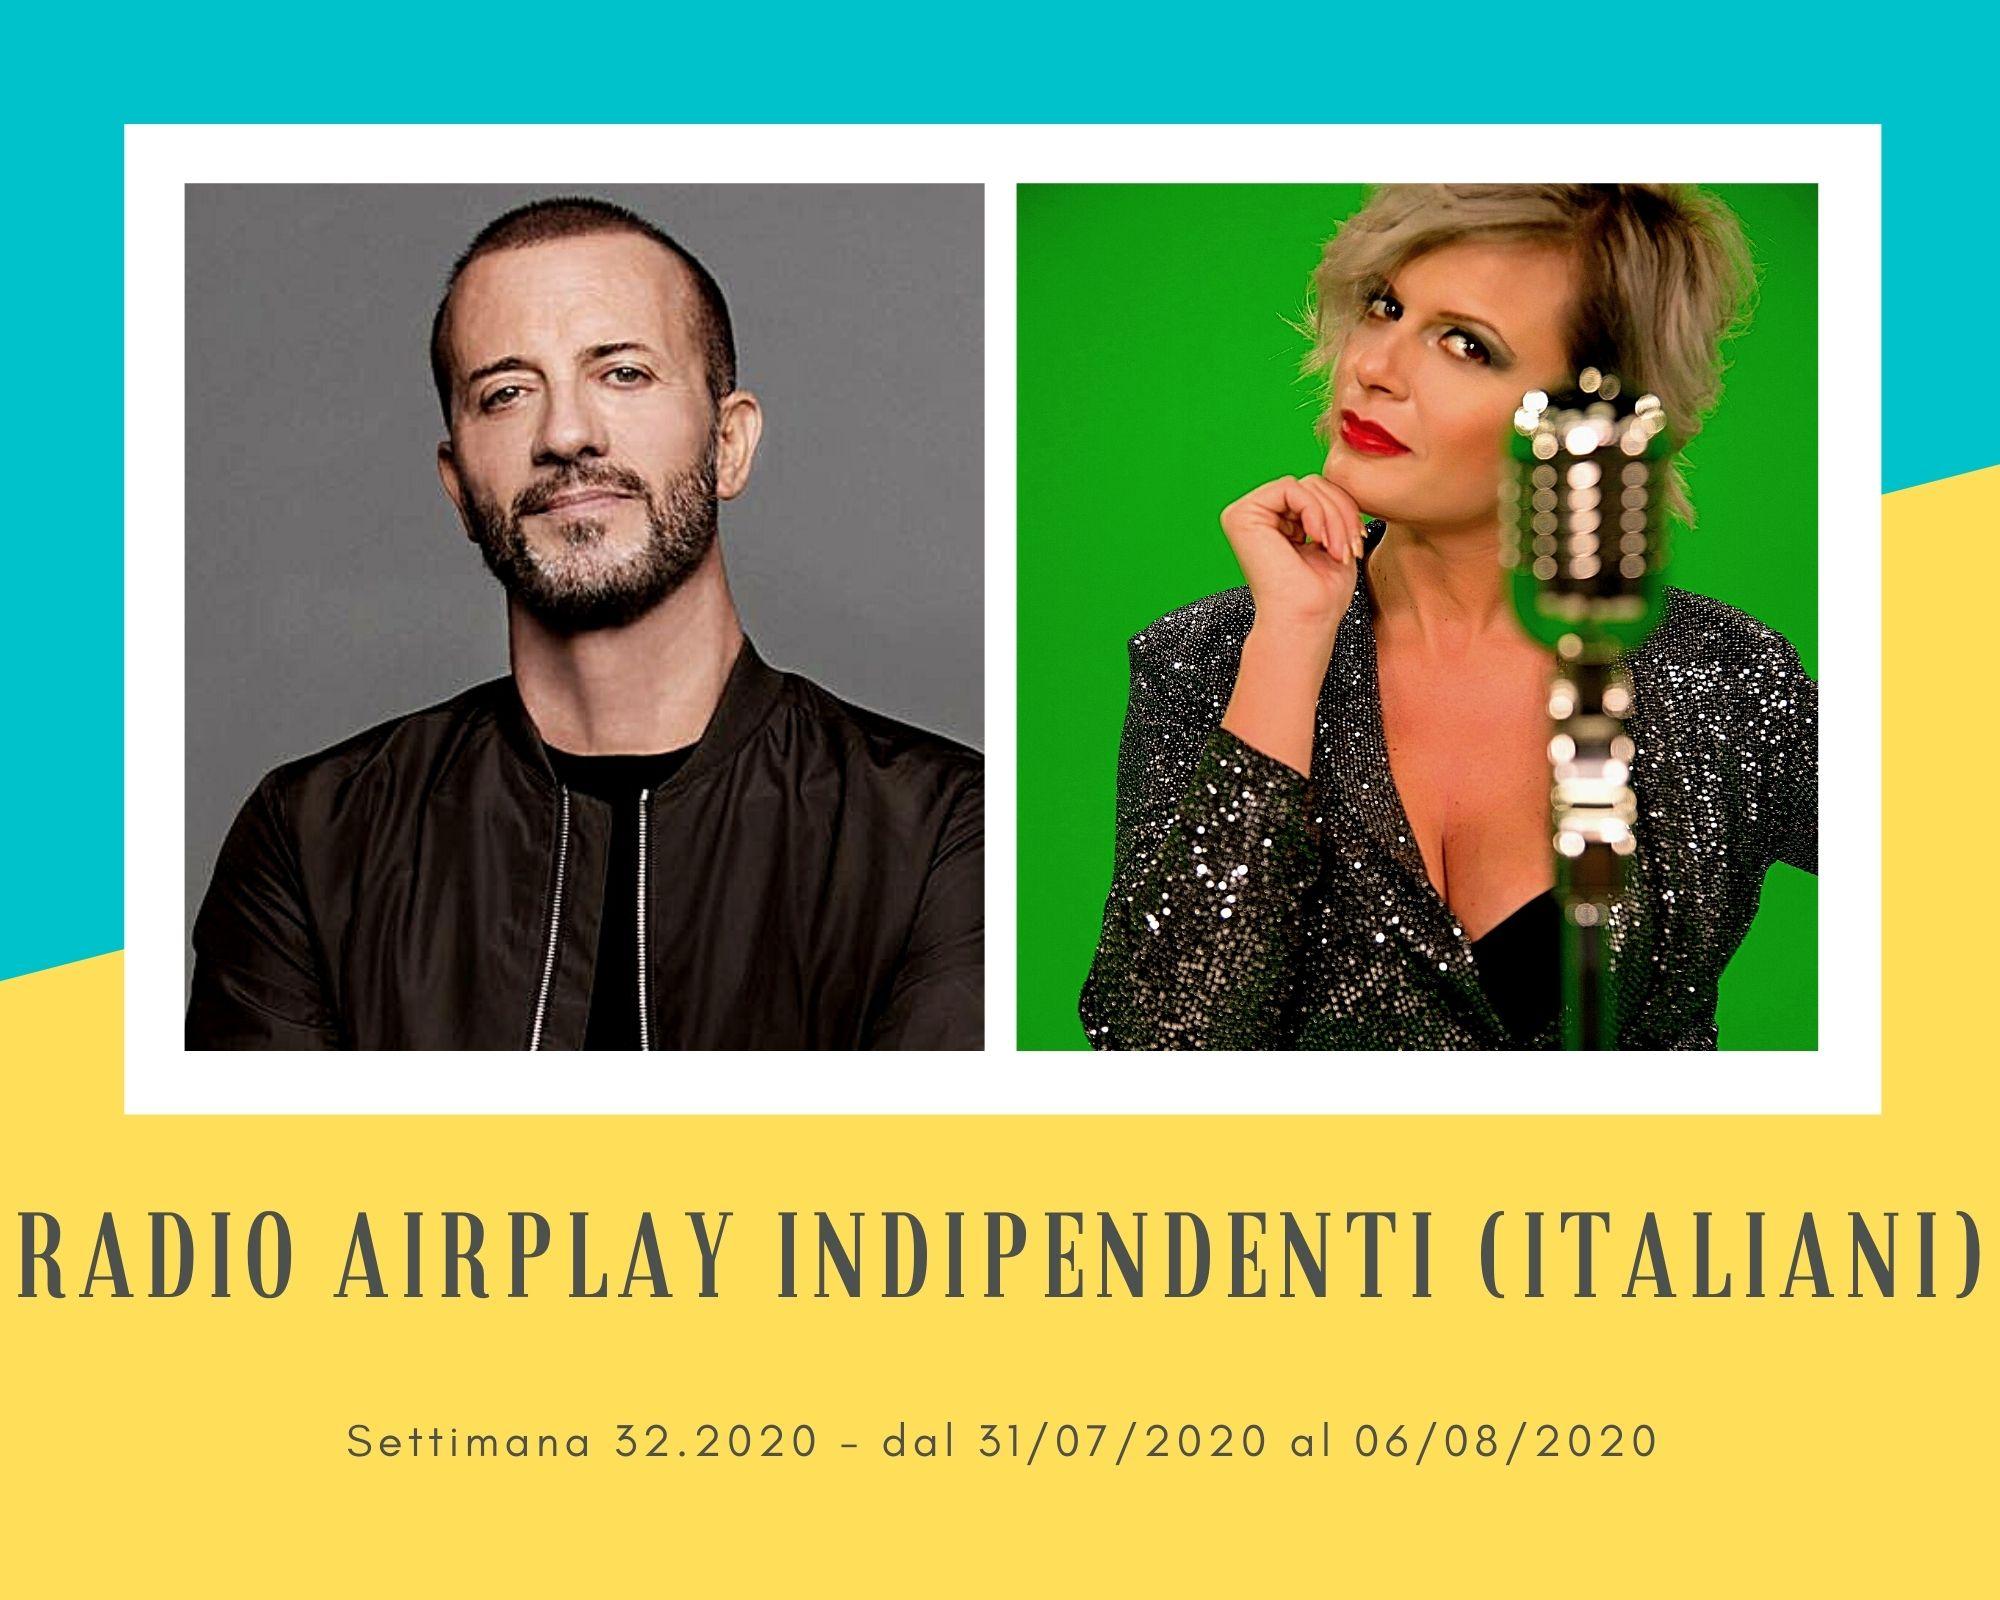 Classifica Radio Airplay Indipendenti Italiani, week 32: Raf sempre in vetta, Vanessa Grey esplode, Mietta e Paola Iezzi resistono